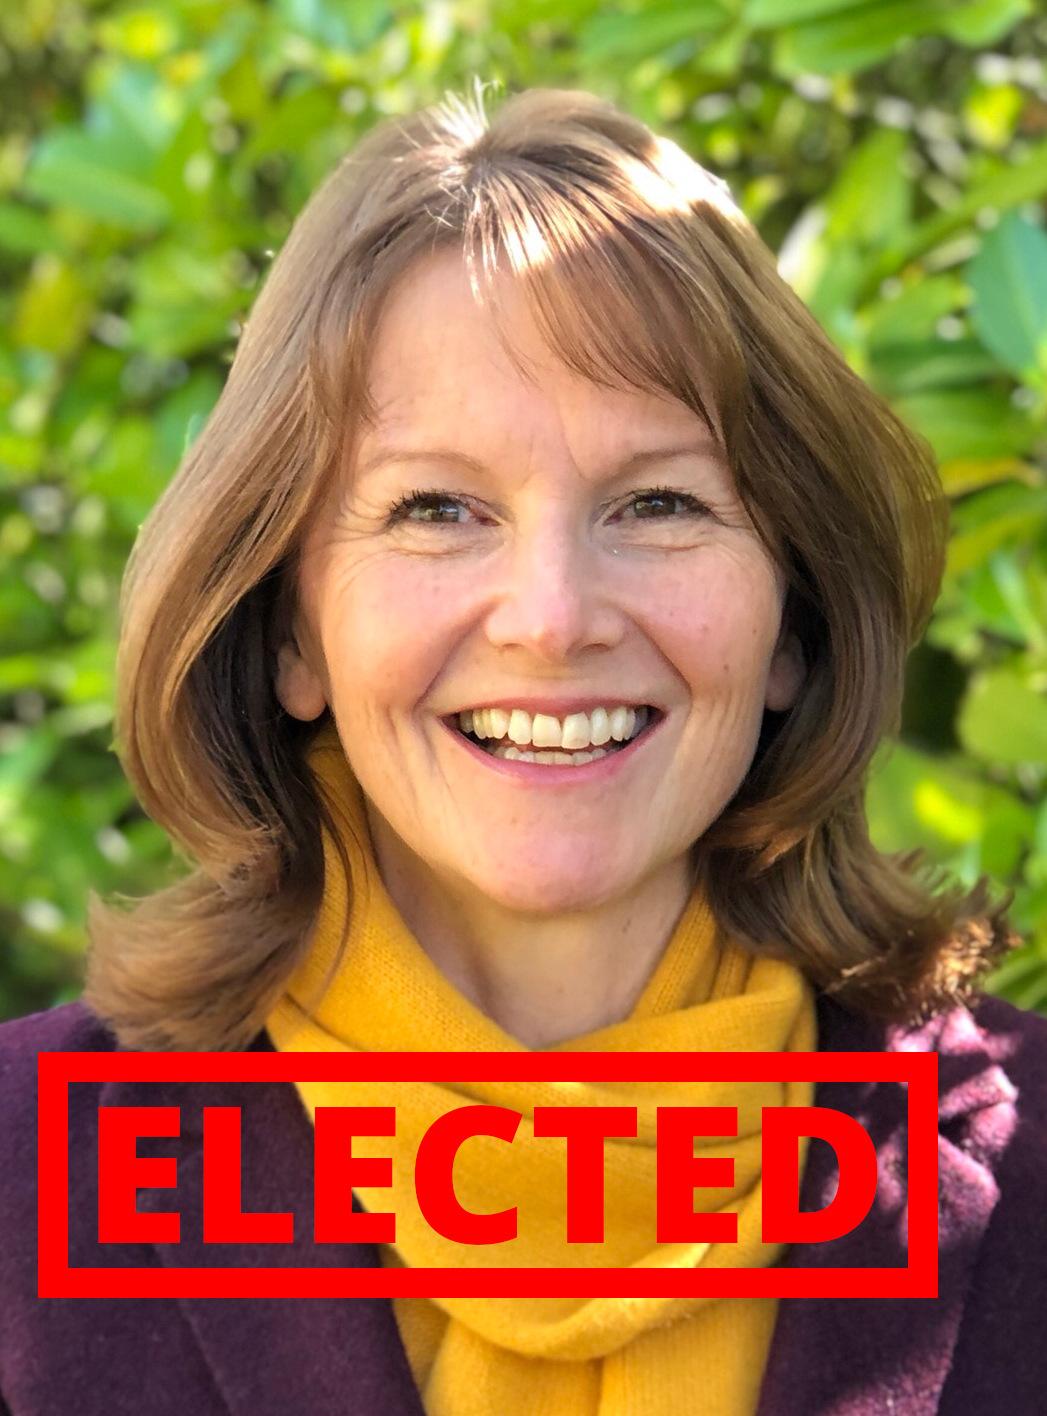 Paula Fergusen - elected!